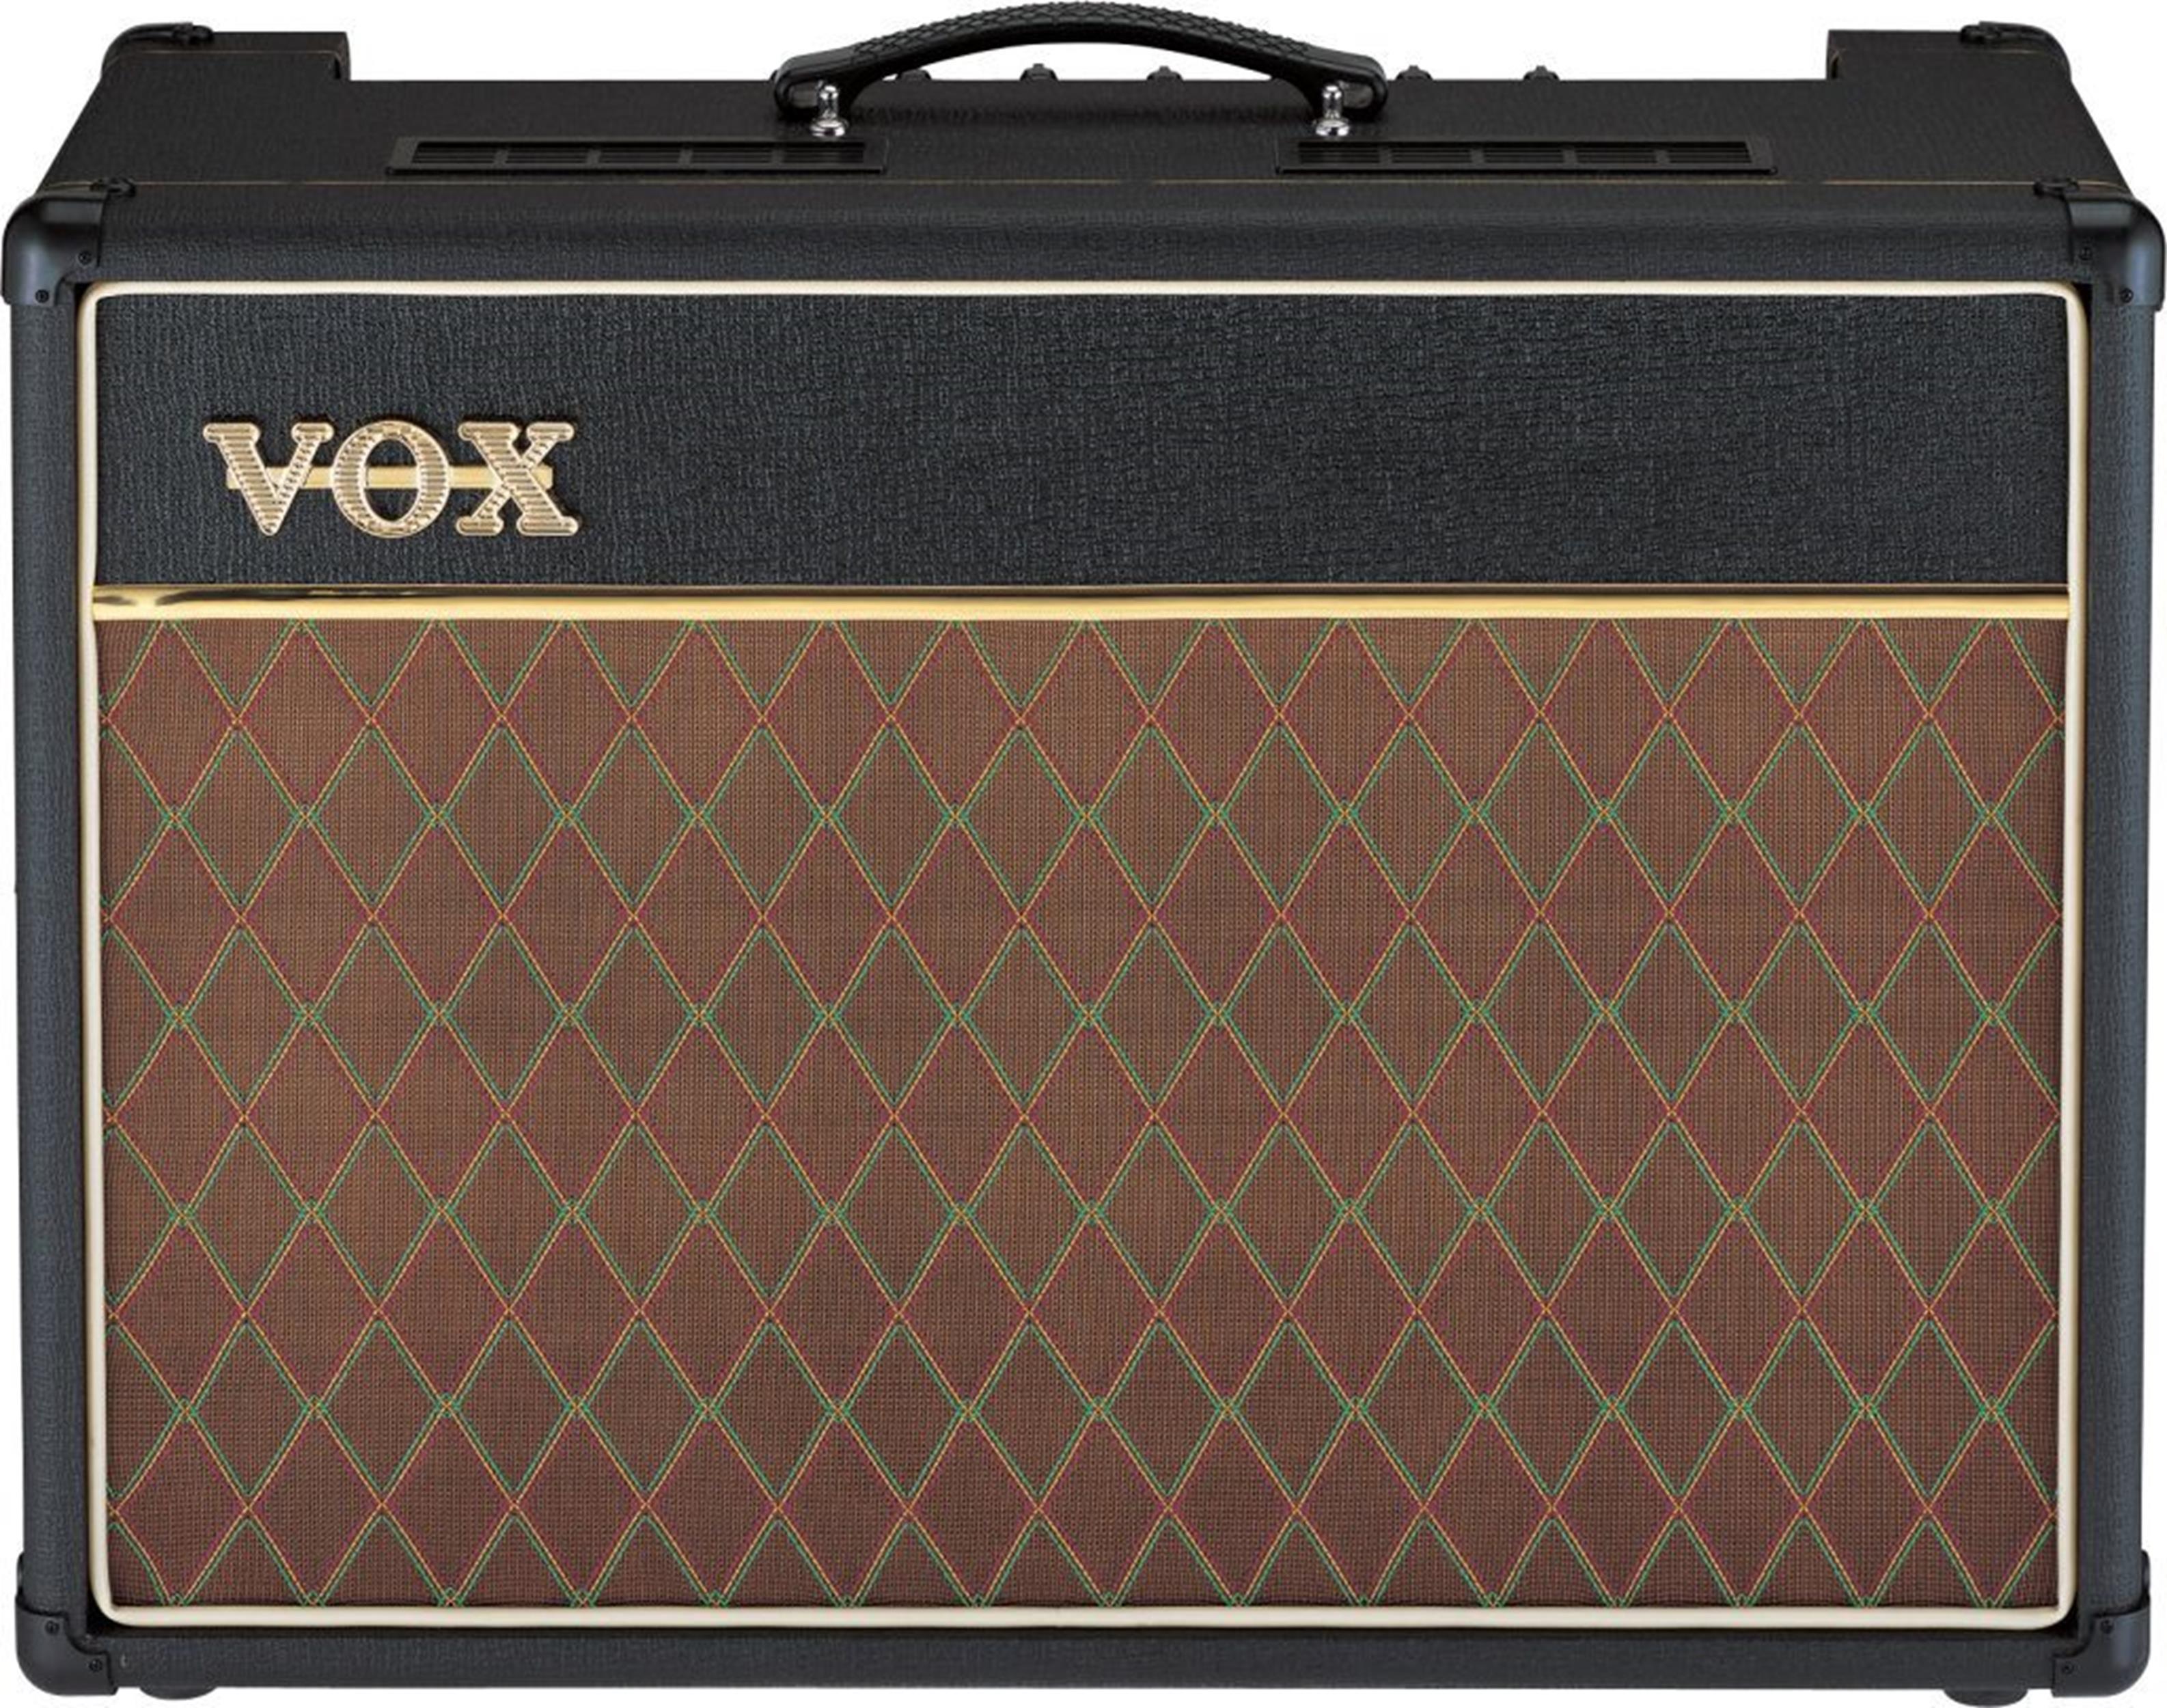 VOX AC 15 C1